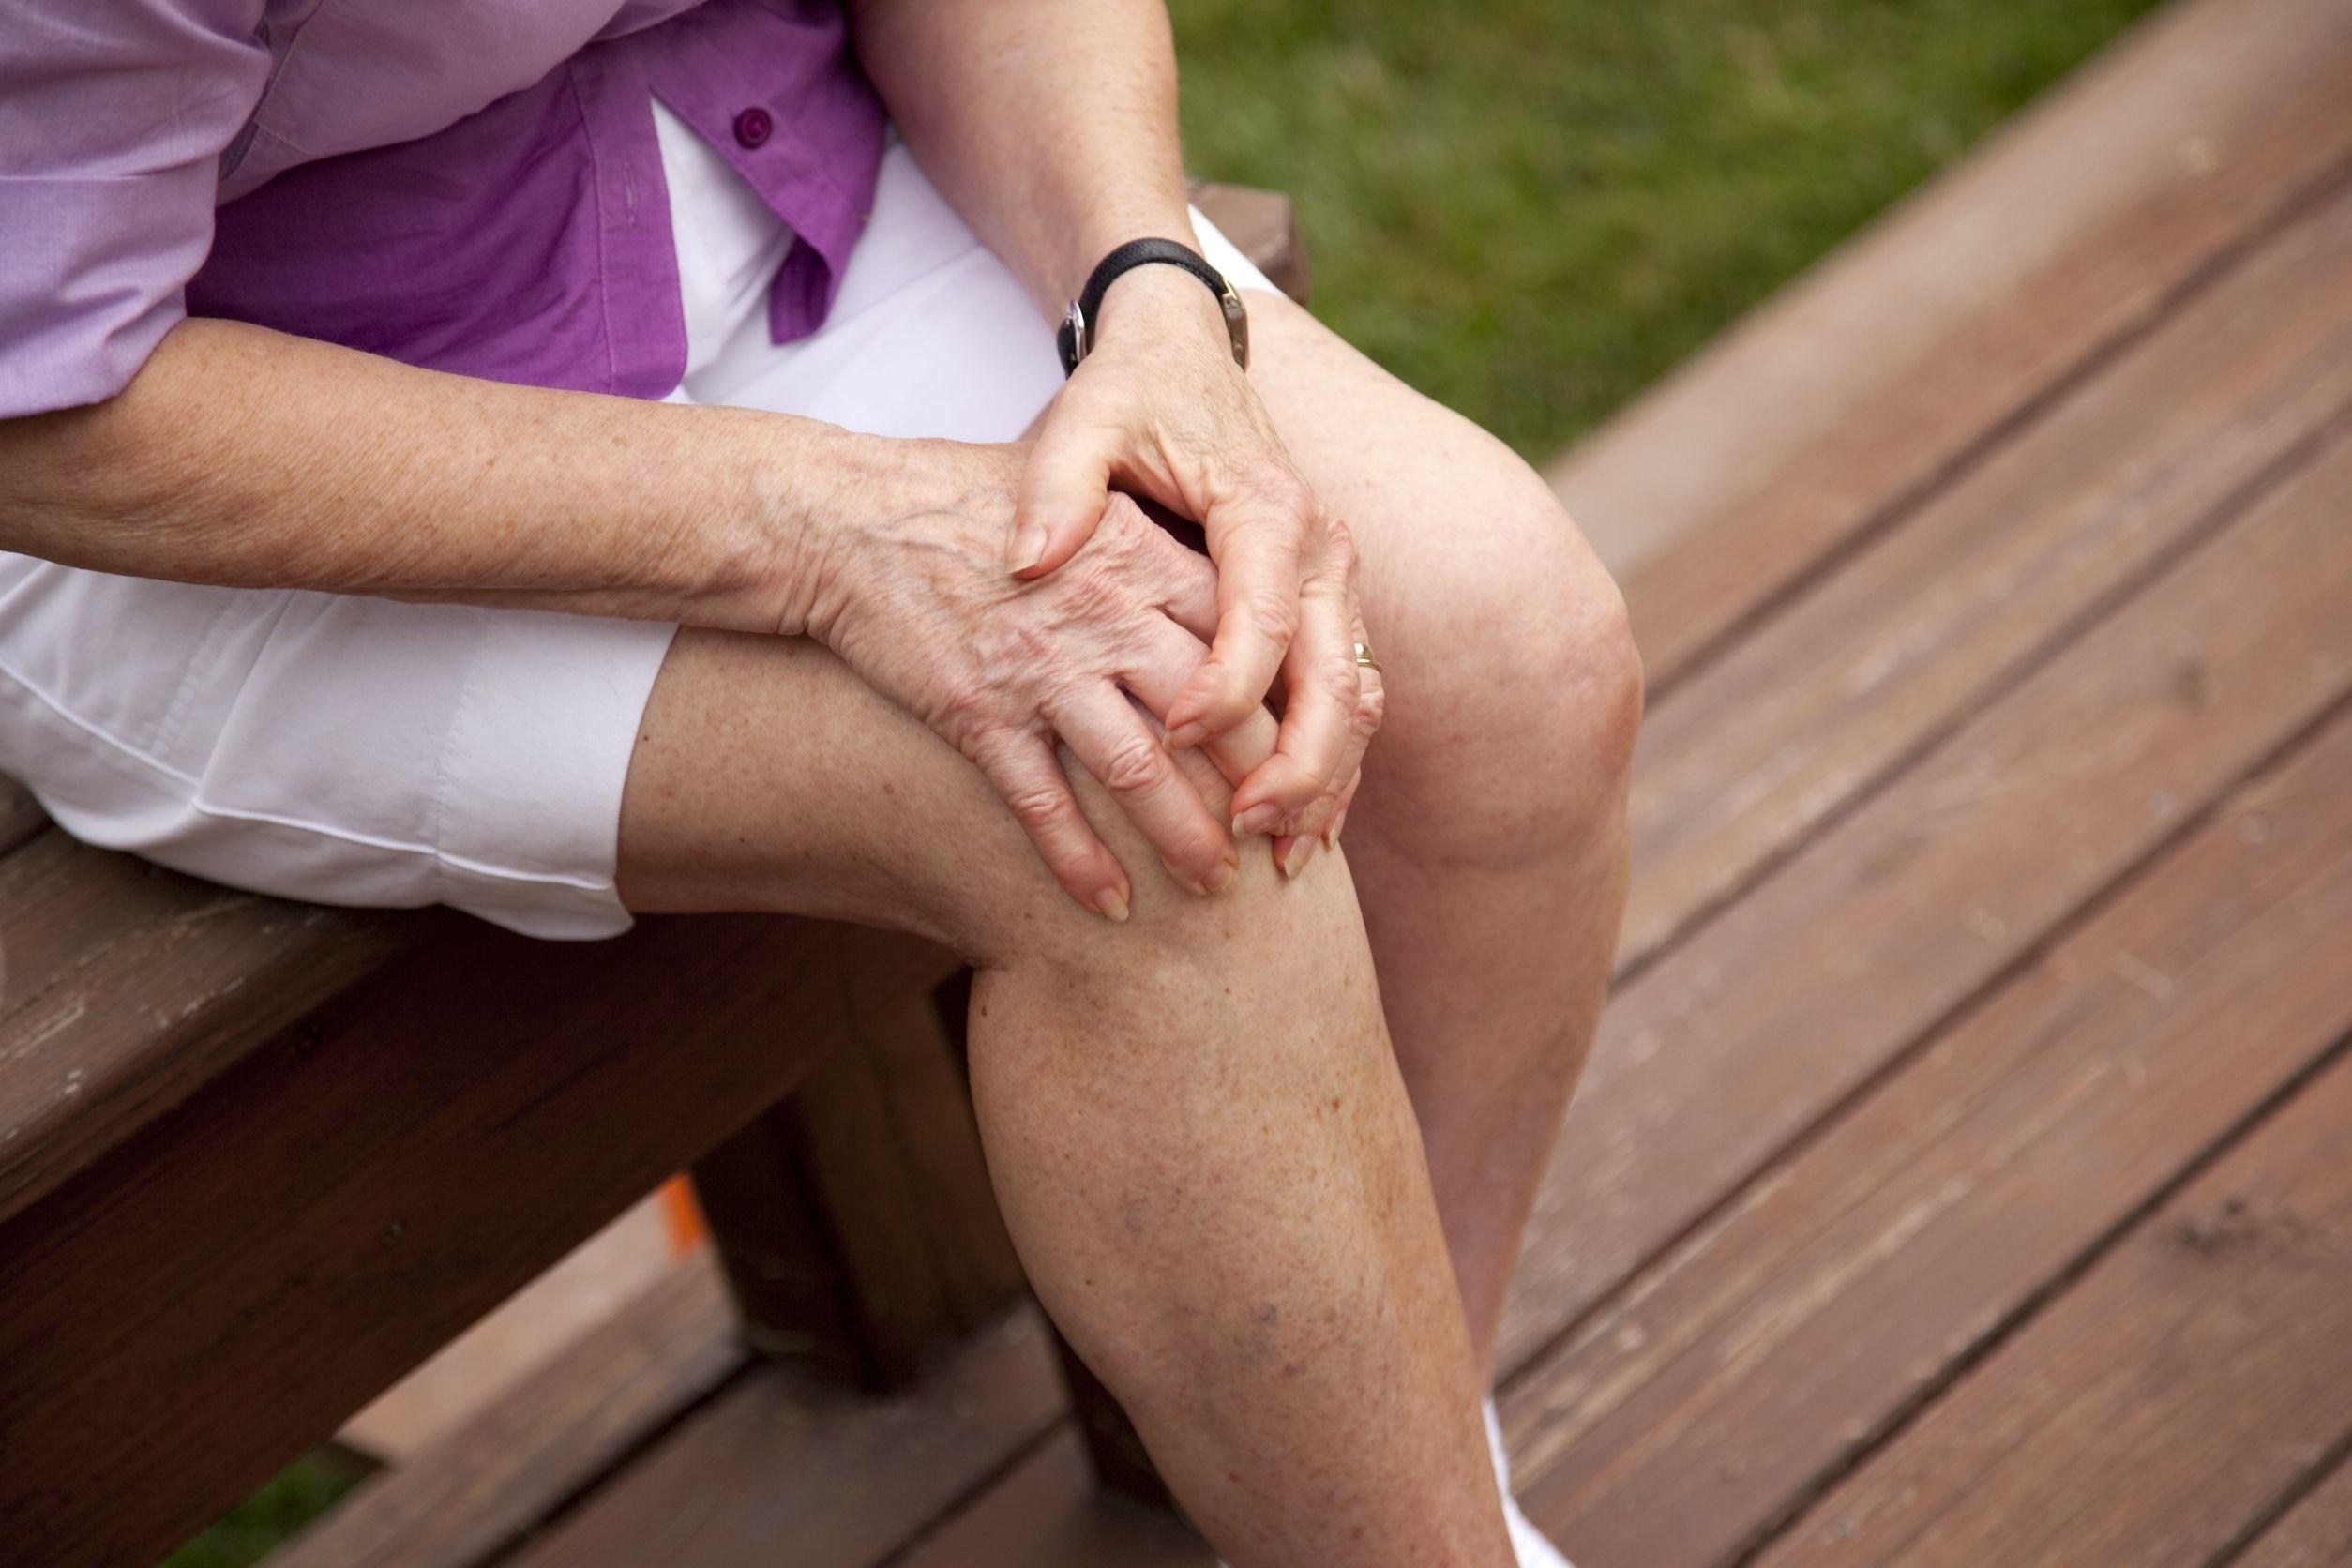 Cách chữa trị đau khớp gối ở người già tại nhà hiệu quả (1)